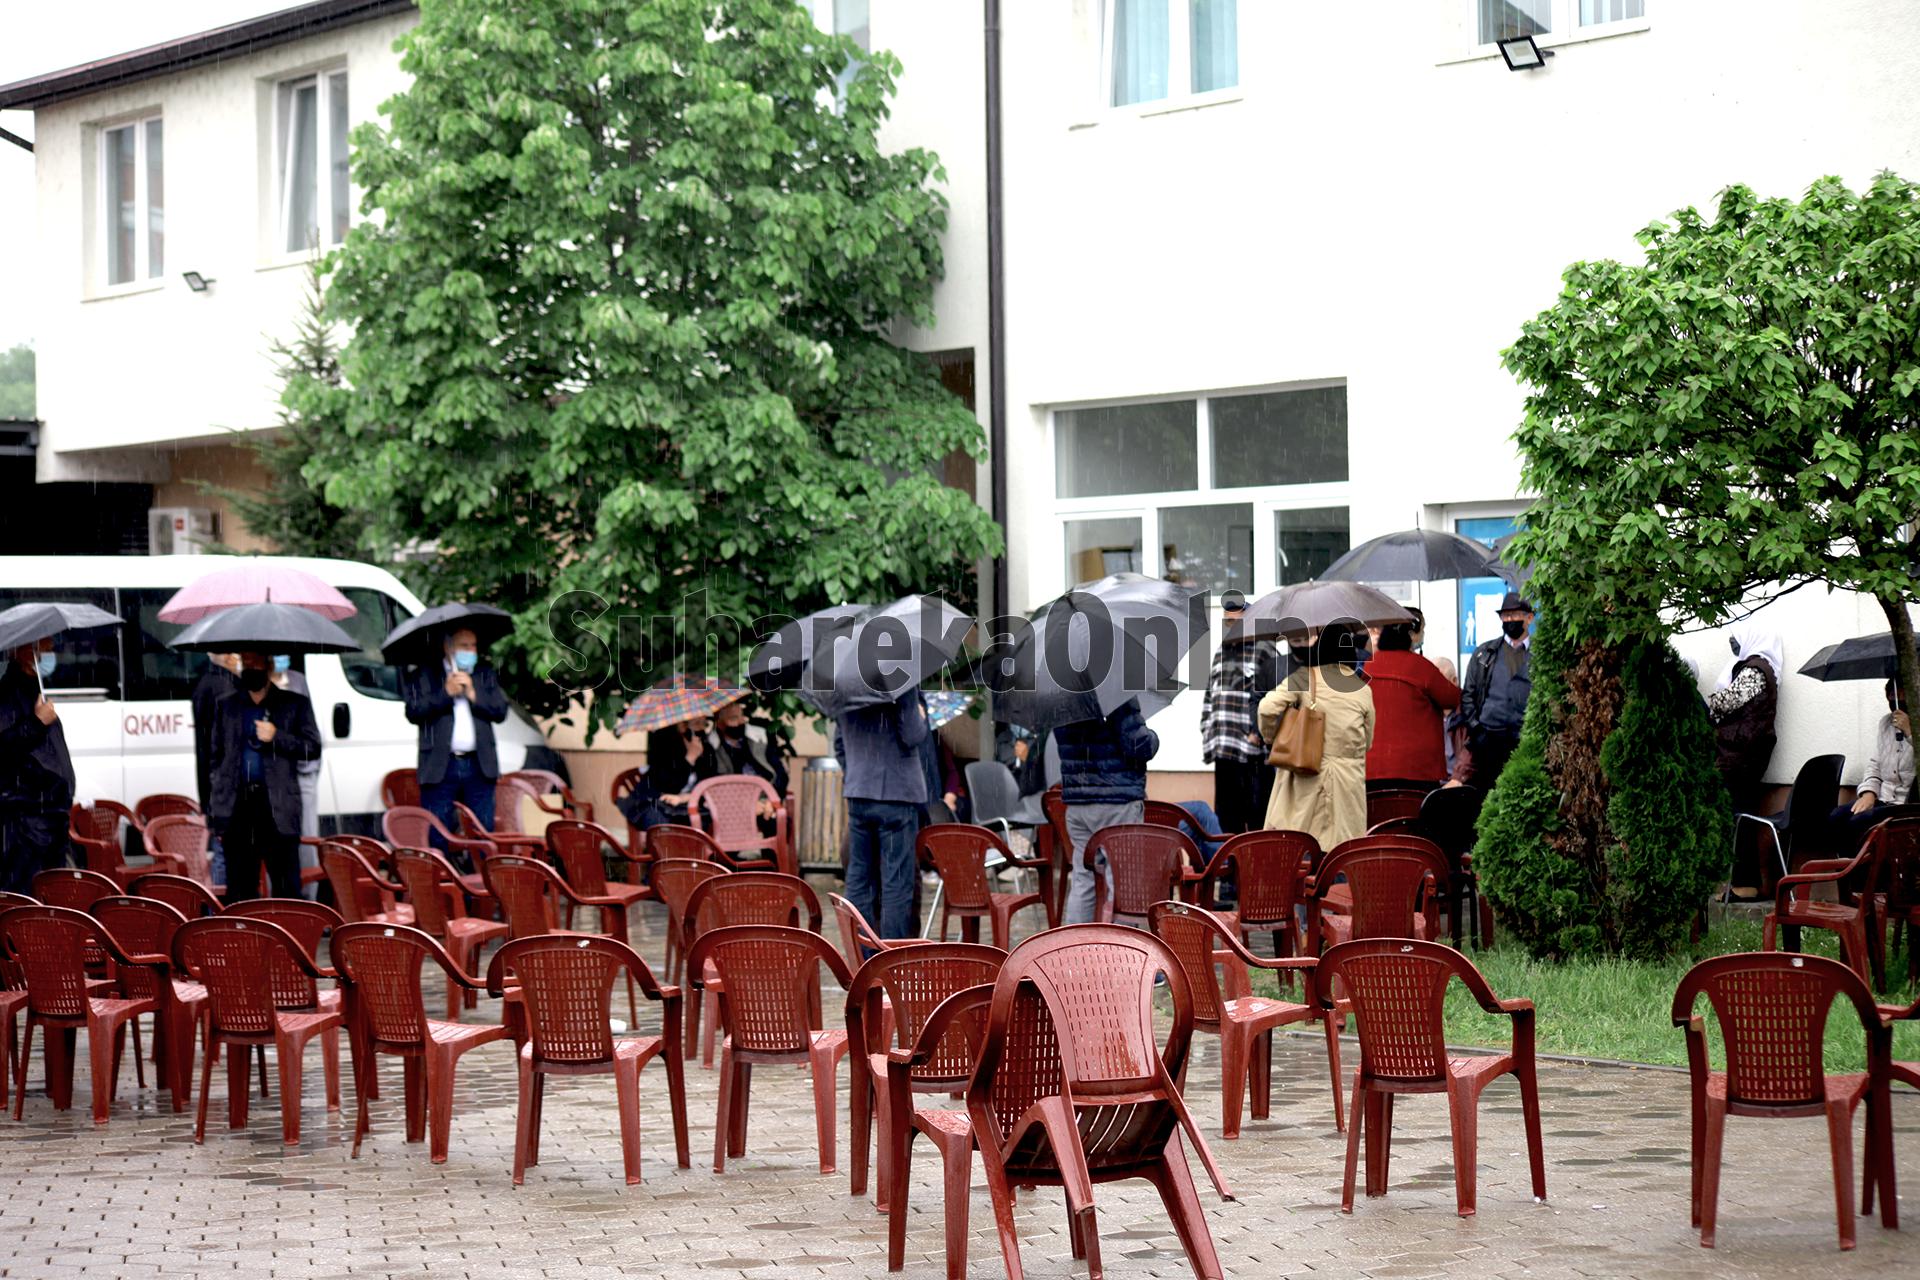 Afër 1 mijë qytetarë të vaksinuar kundër COVID-19 në Suharekë